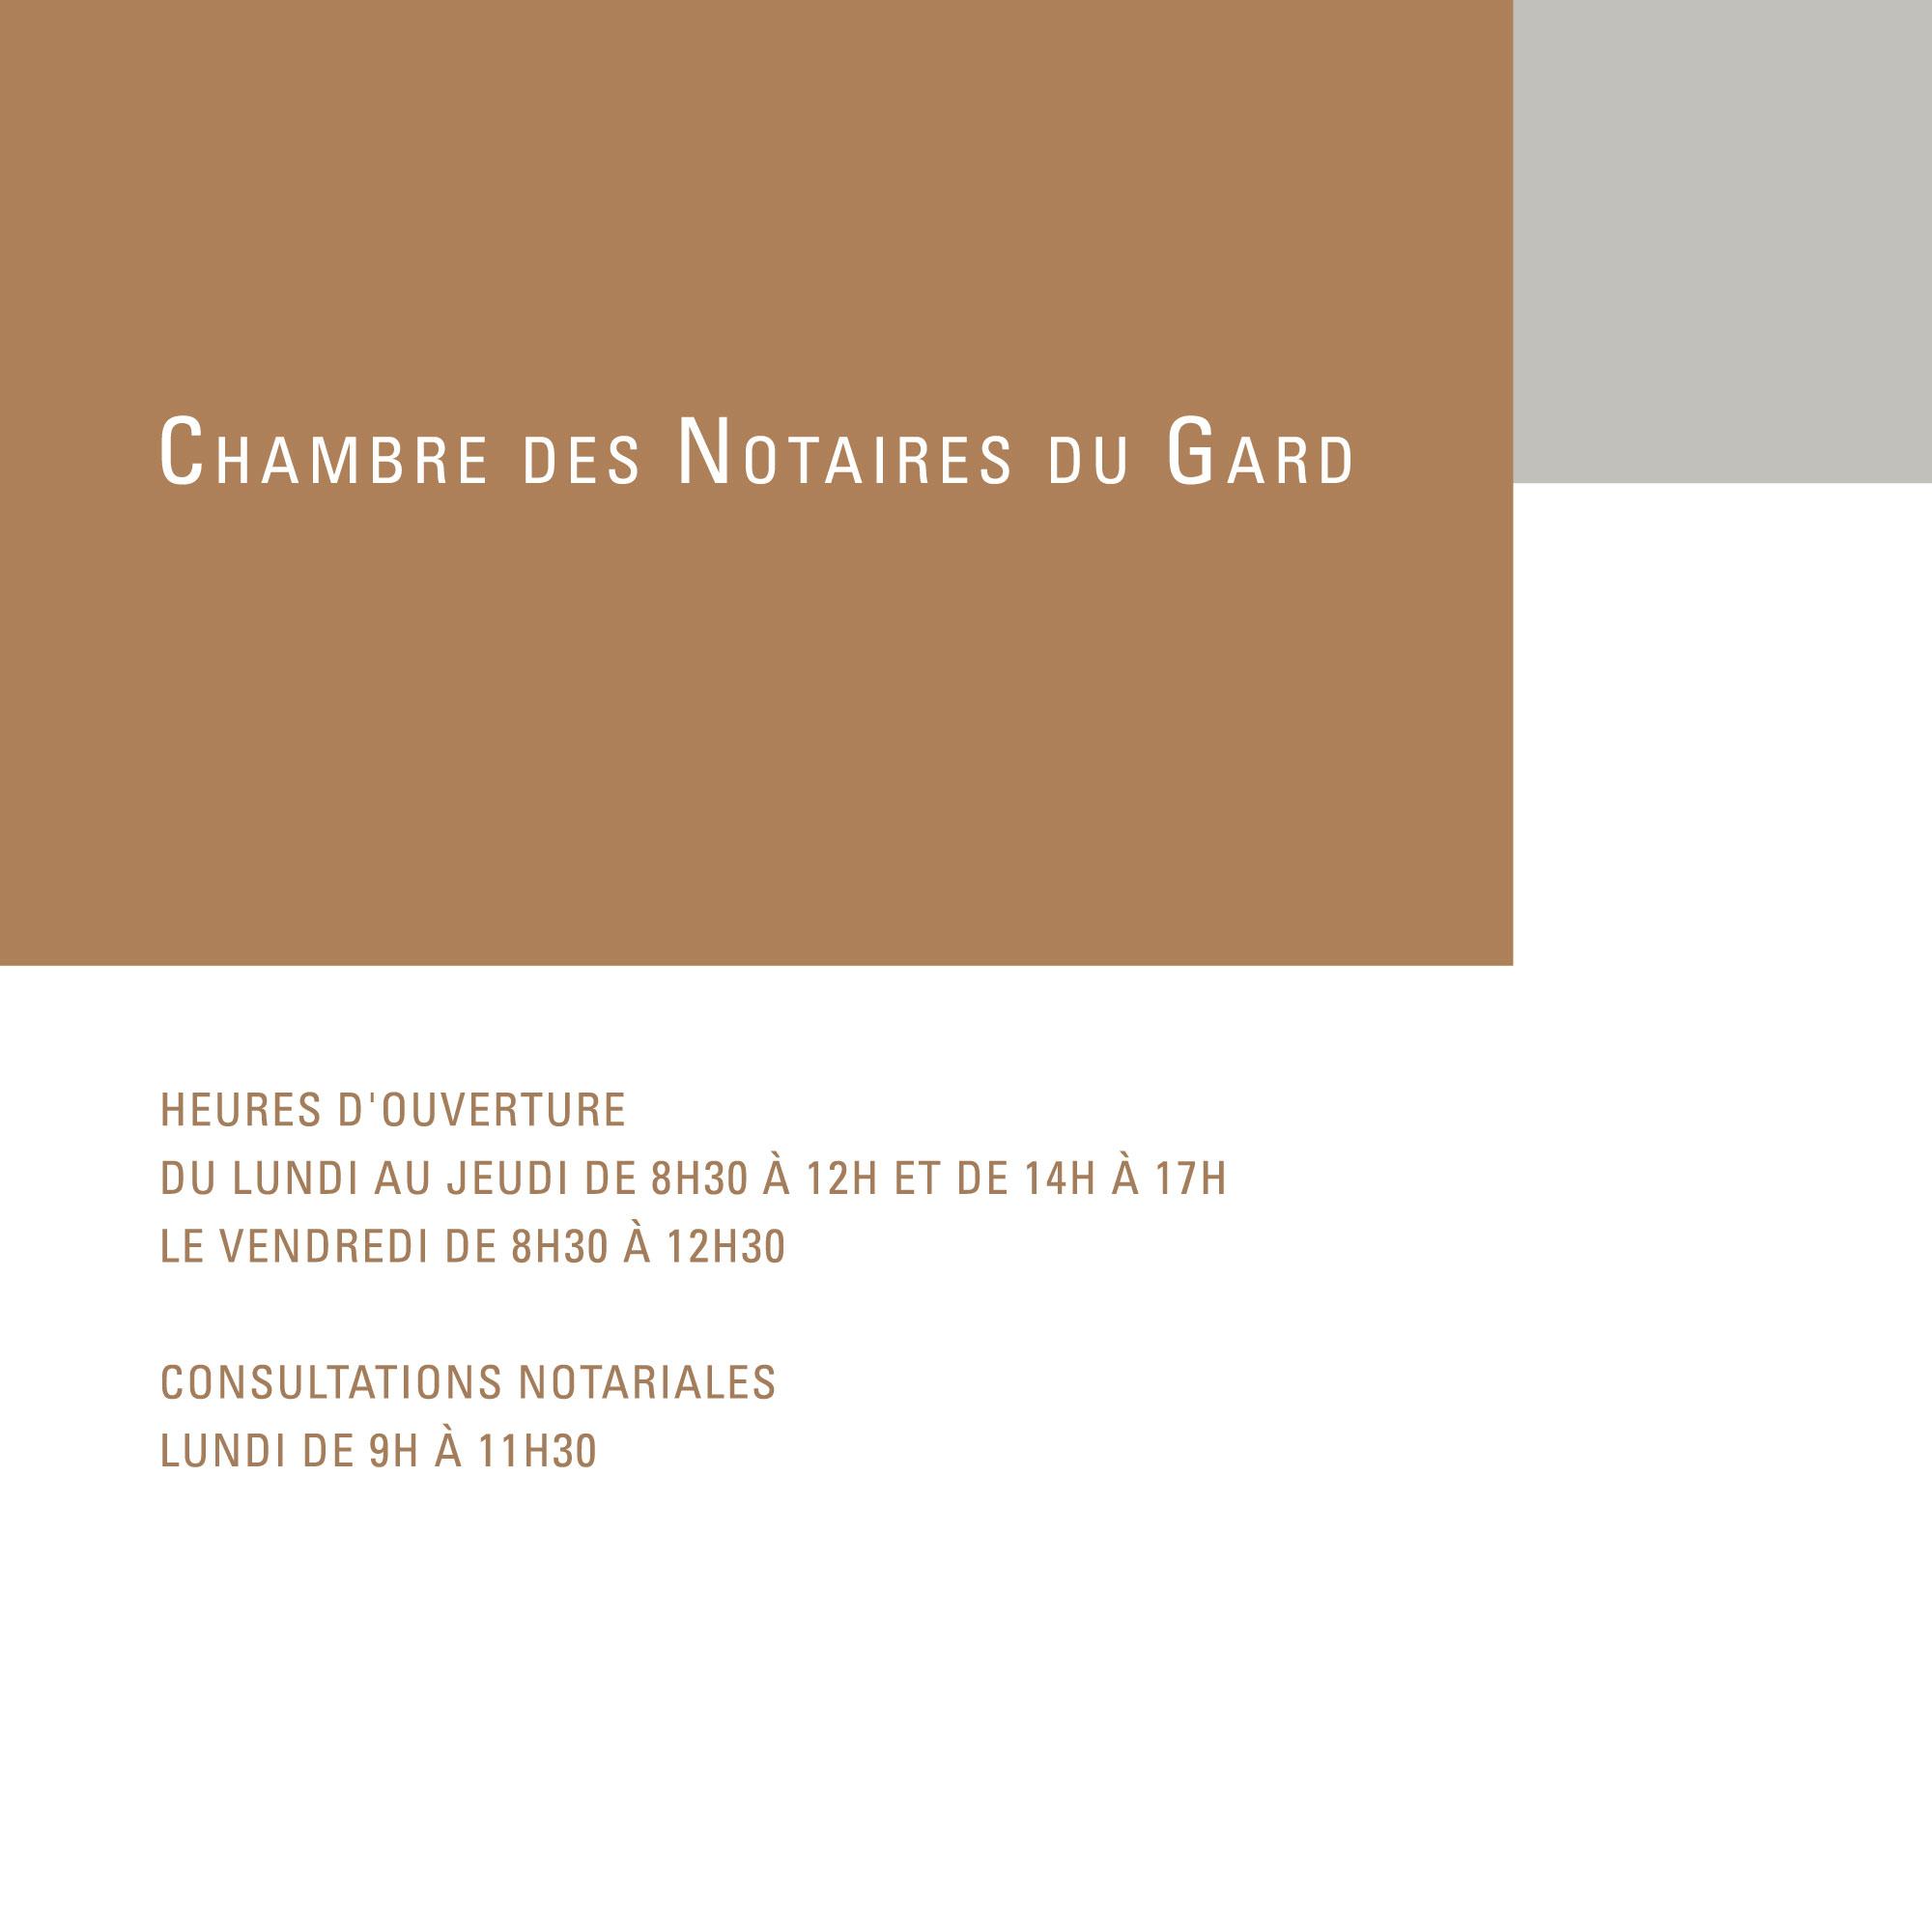 Chambre des Notaires du Gard Eric Pol Simon